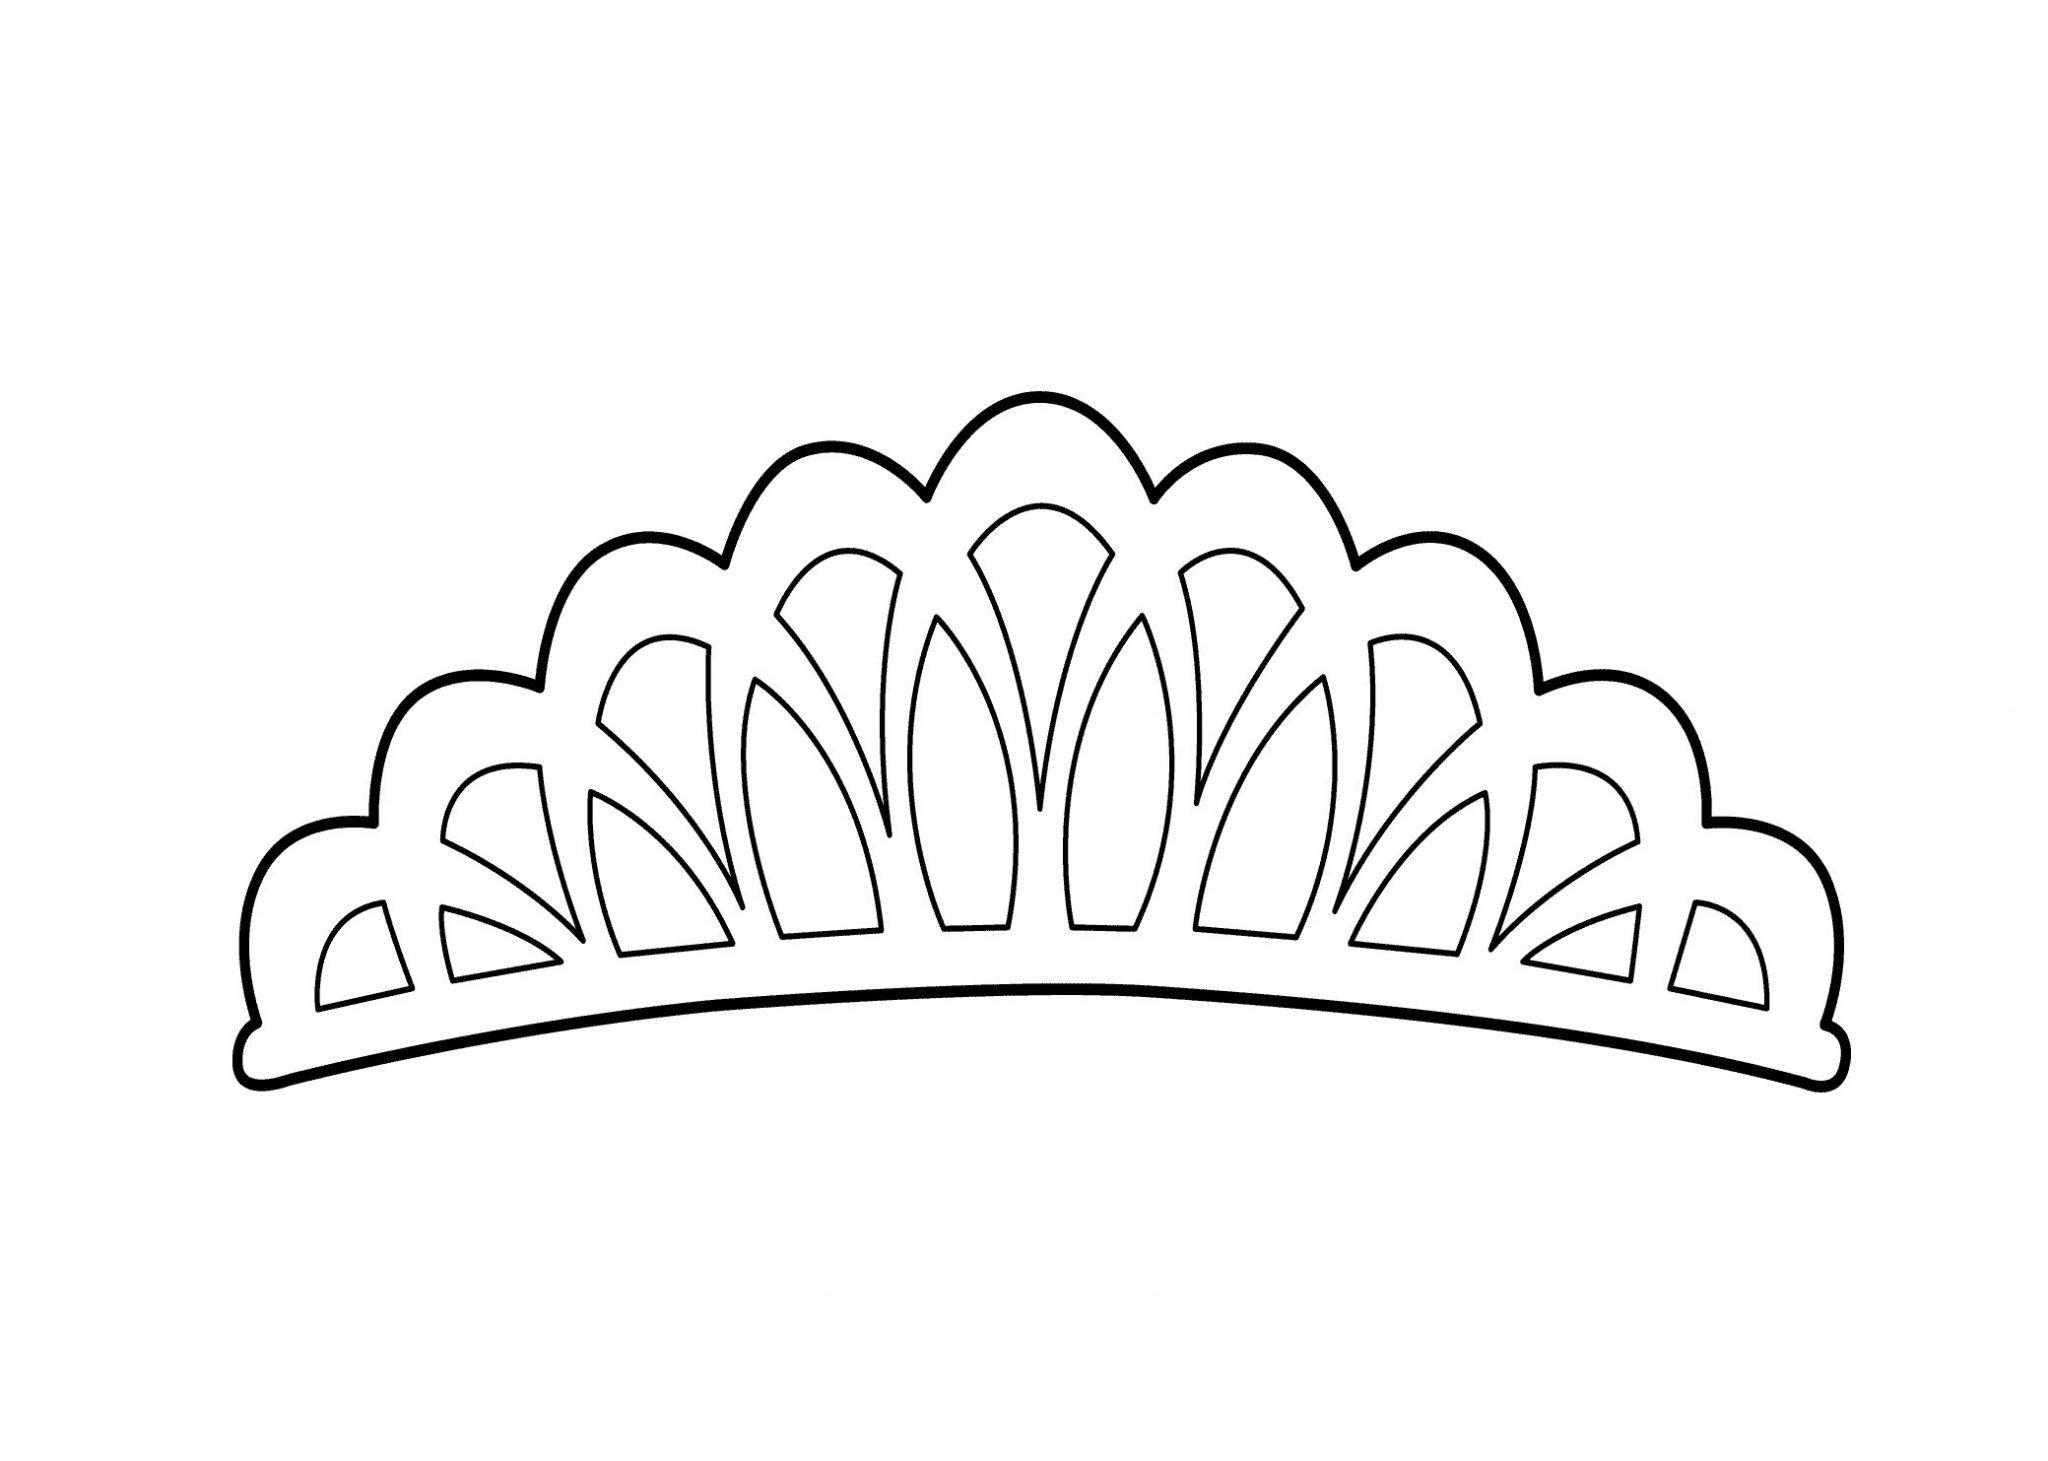 Раскраска трафарет корона распечатать бесплатно скачать